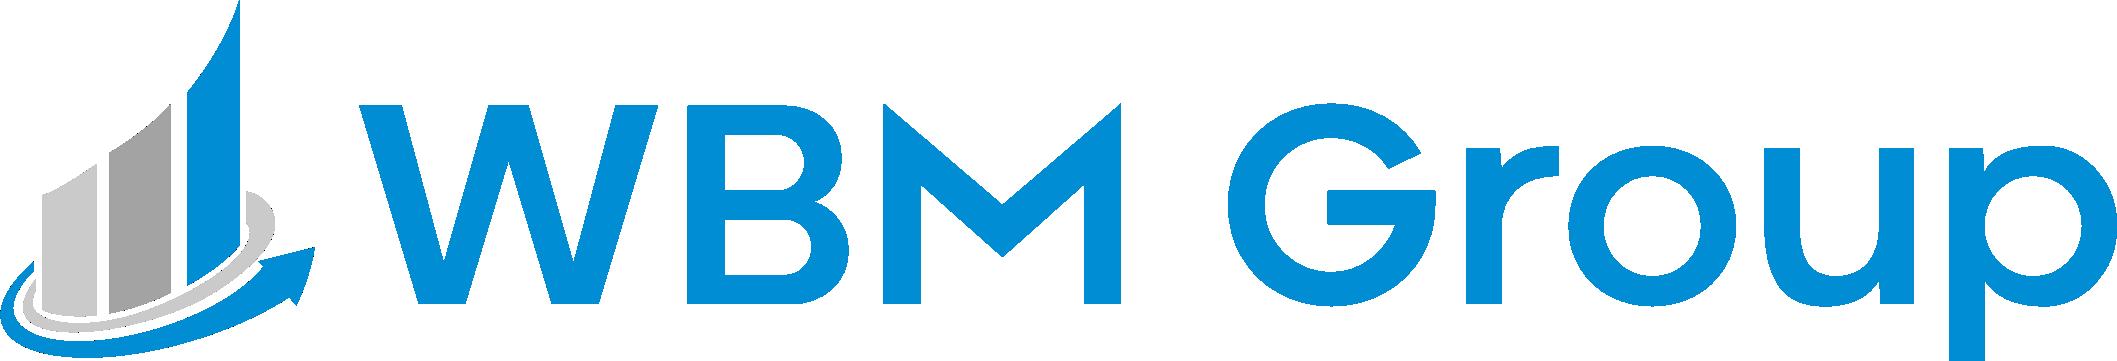 WBM Group — Услуги для бизнеса и эмигрантов в Польше ⭐